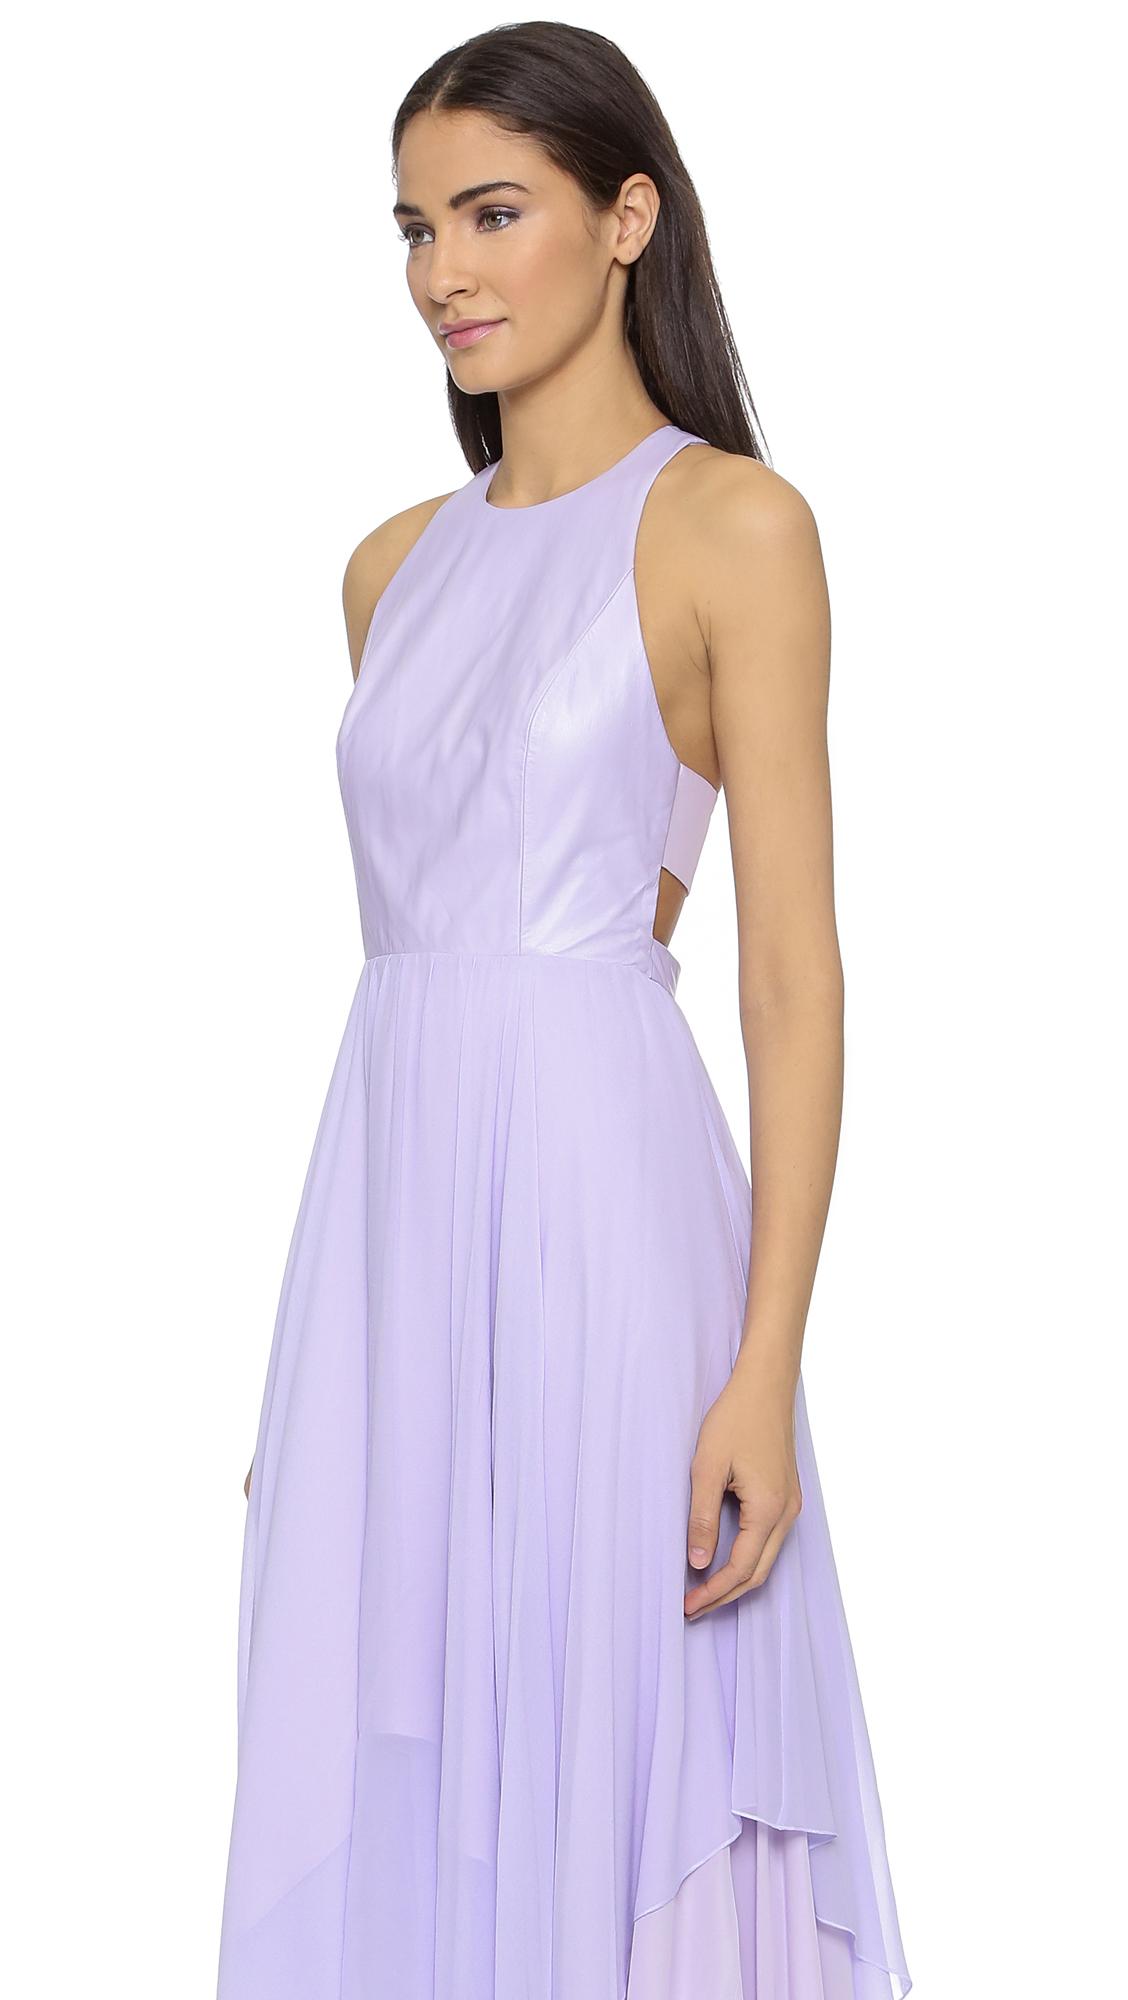 7fde28123e alice + olivia Mai Leather Handkerchief Maxi Dress